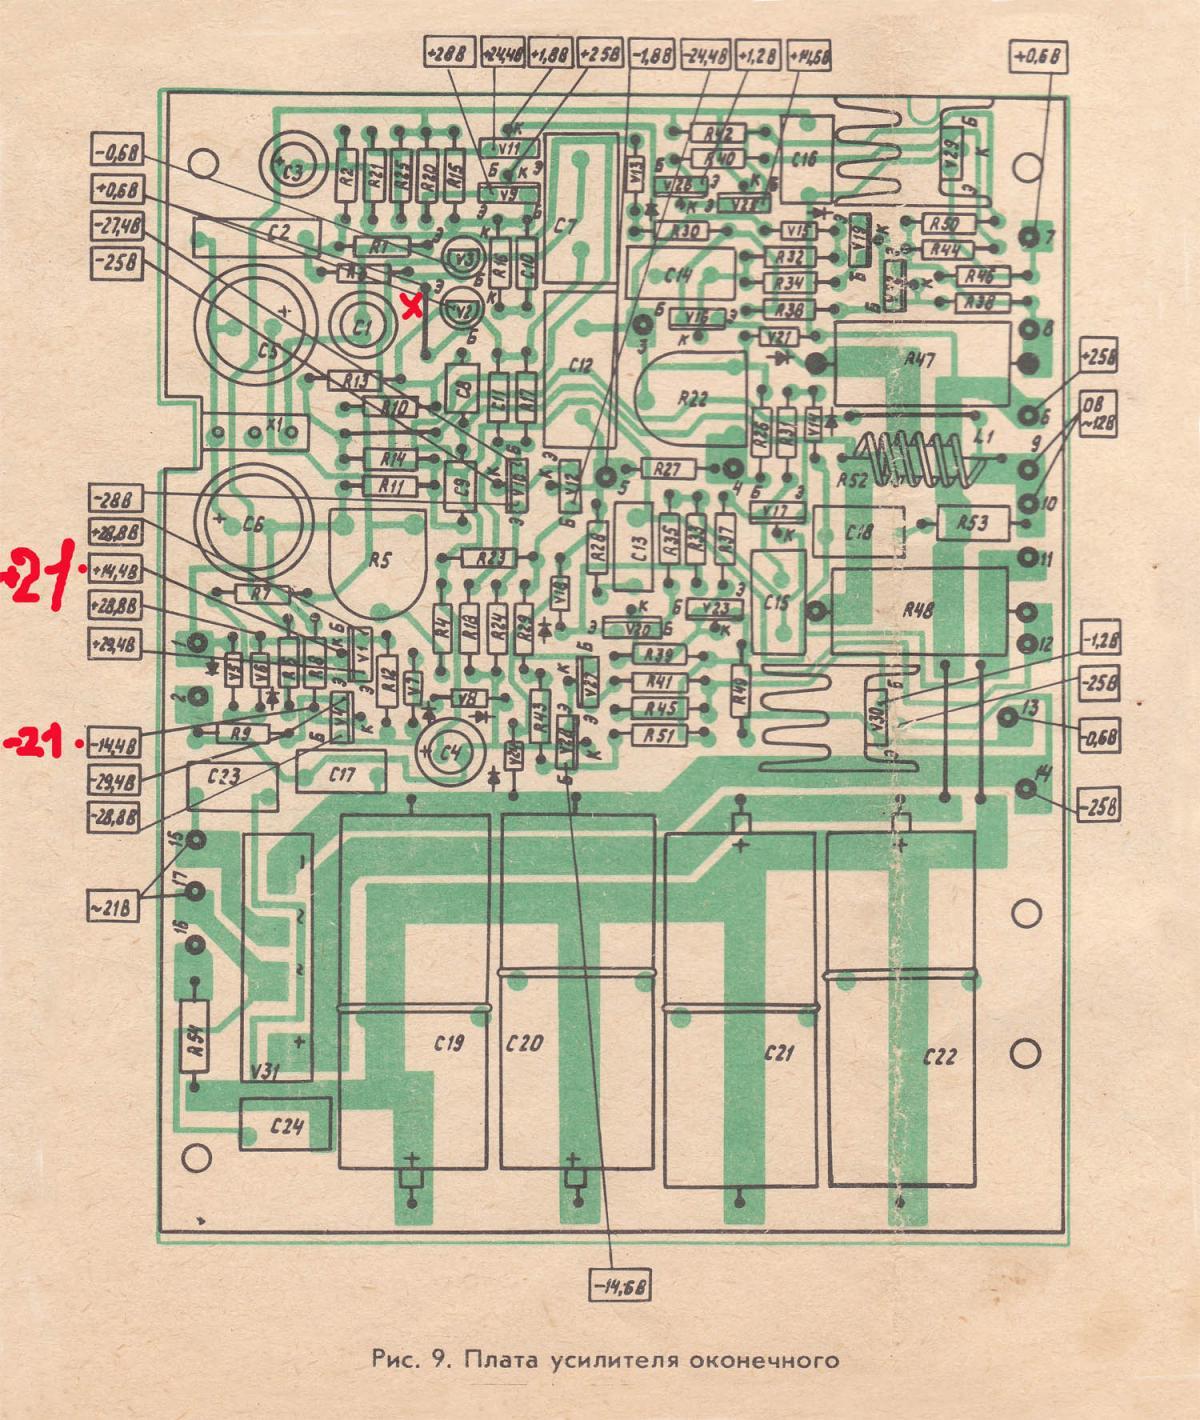 Принципиальная схема усилителя бриг у 001